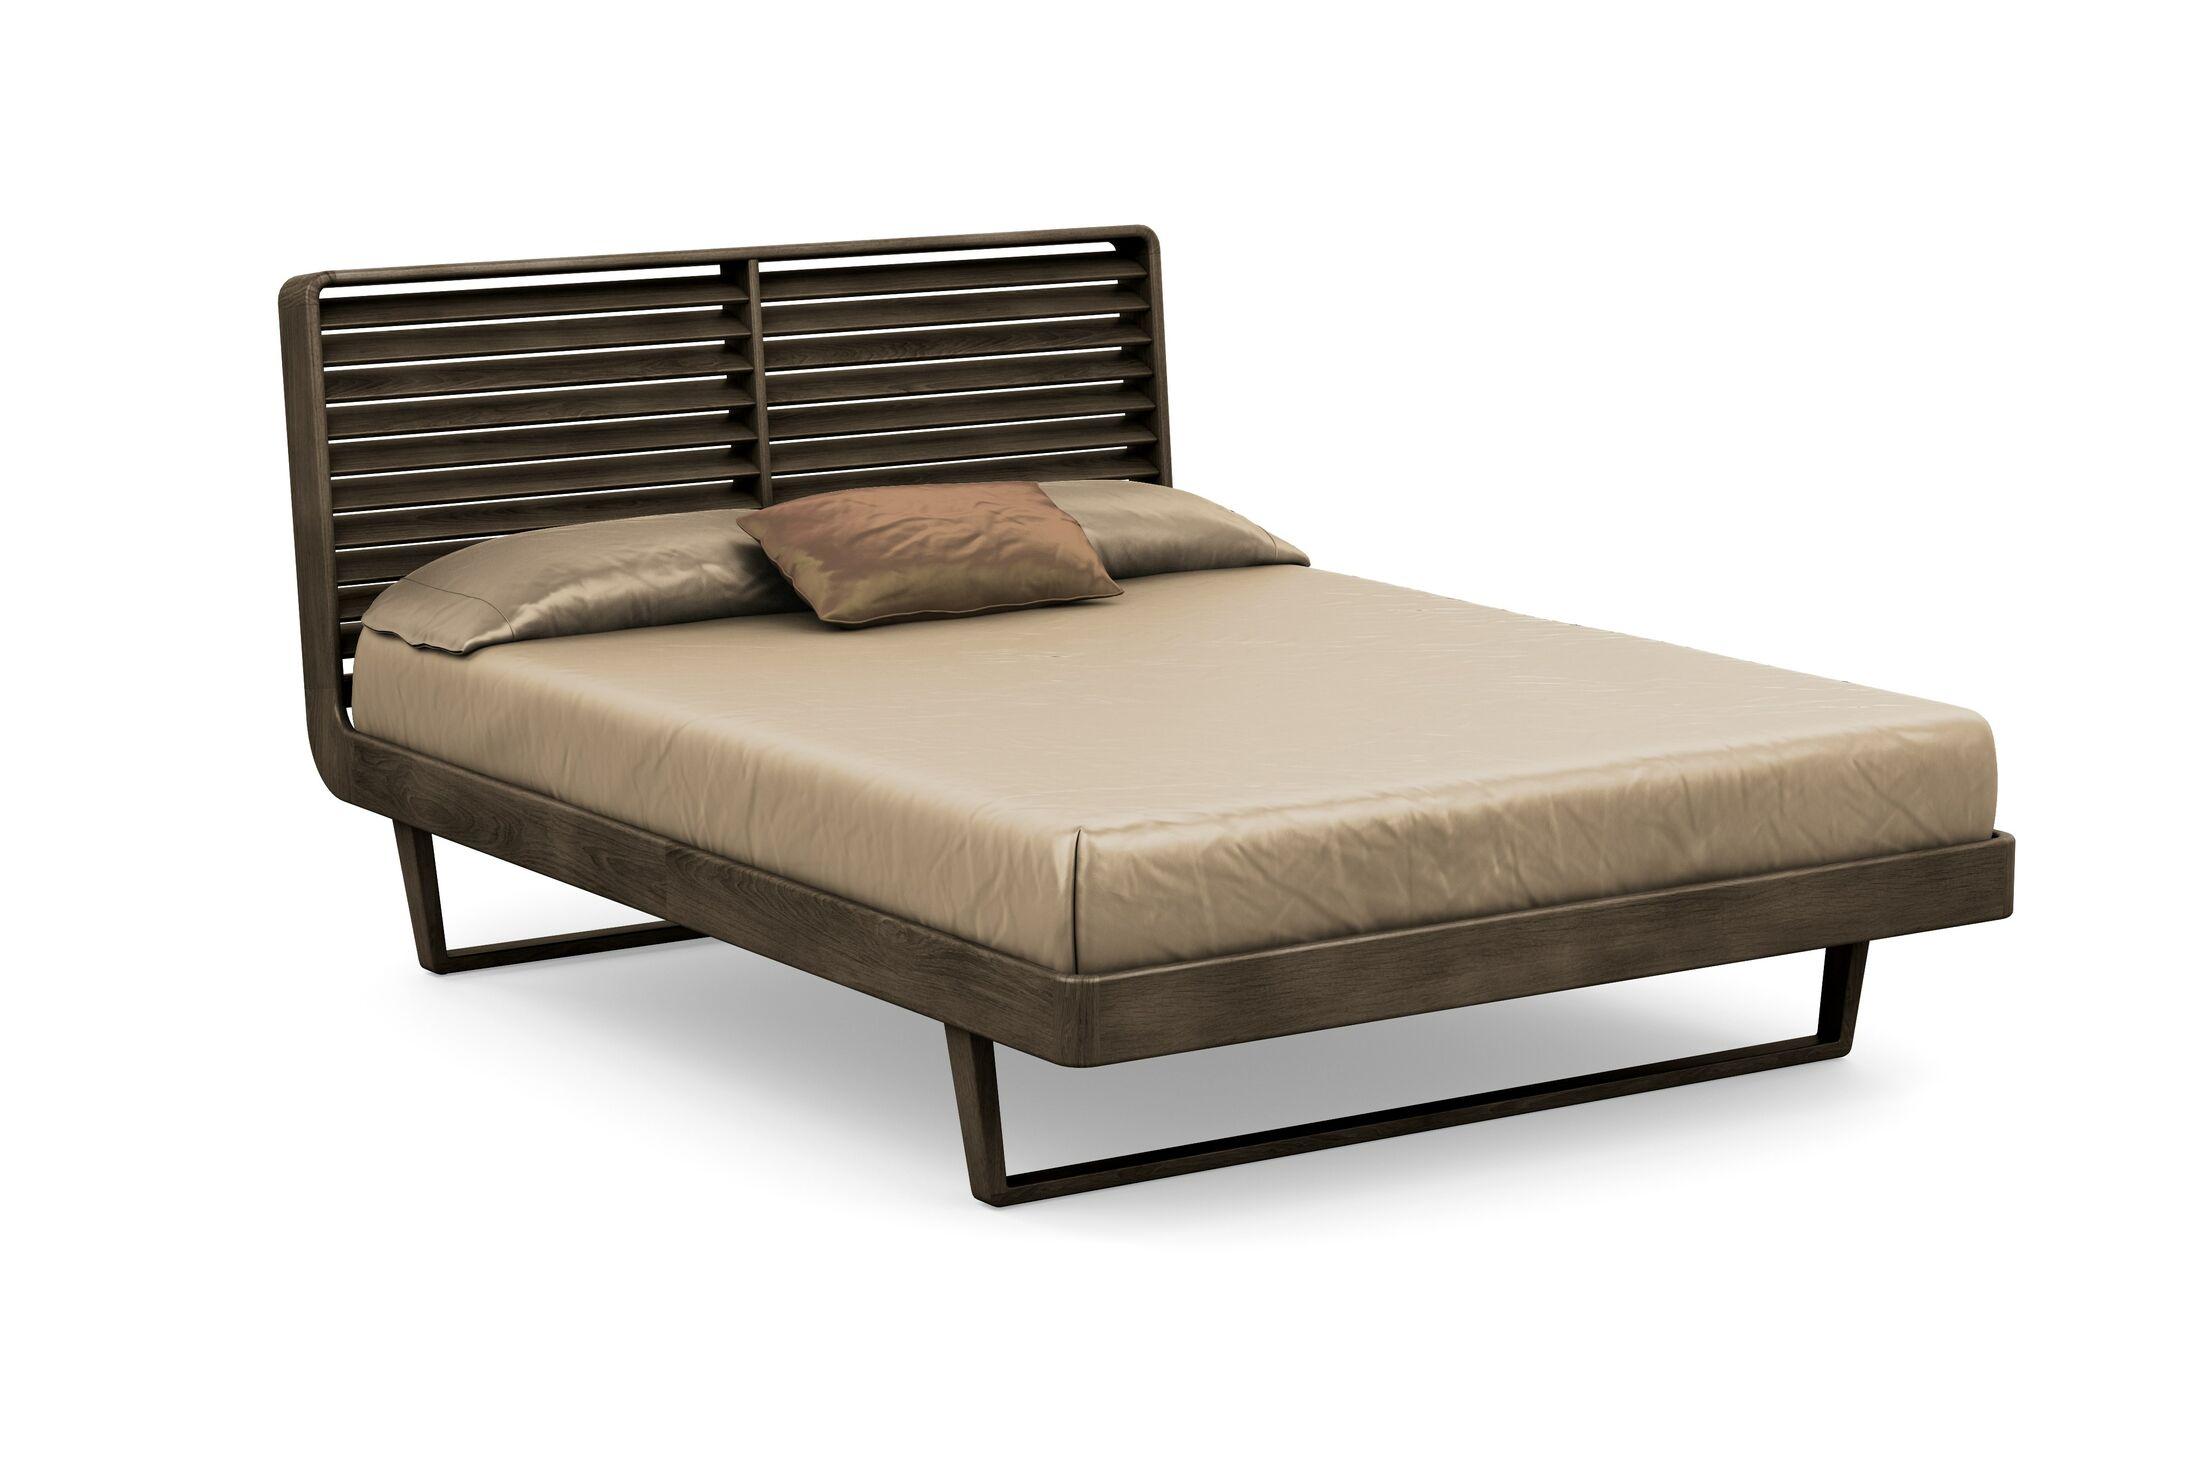 Contour Platform Bed Color: Seared Ash, Size: King